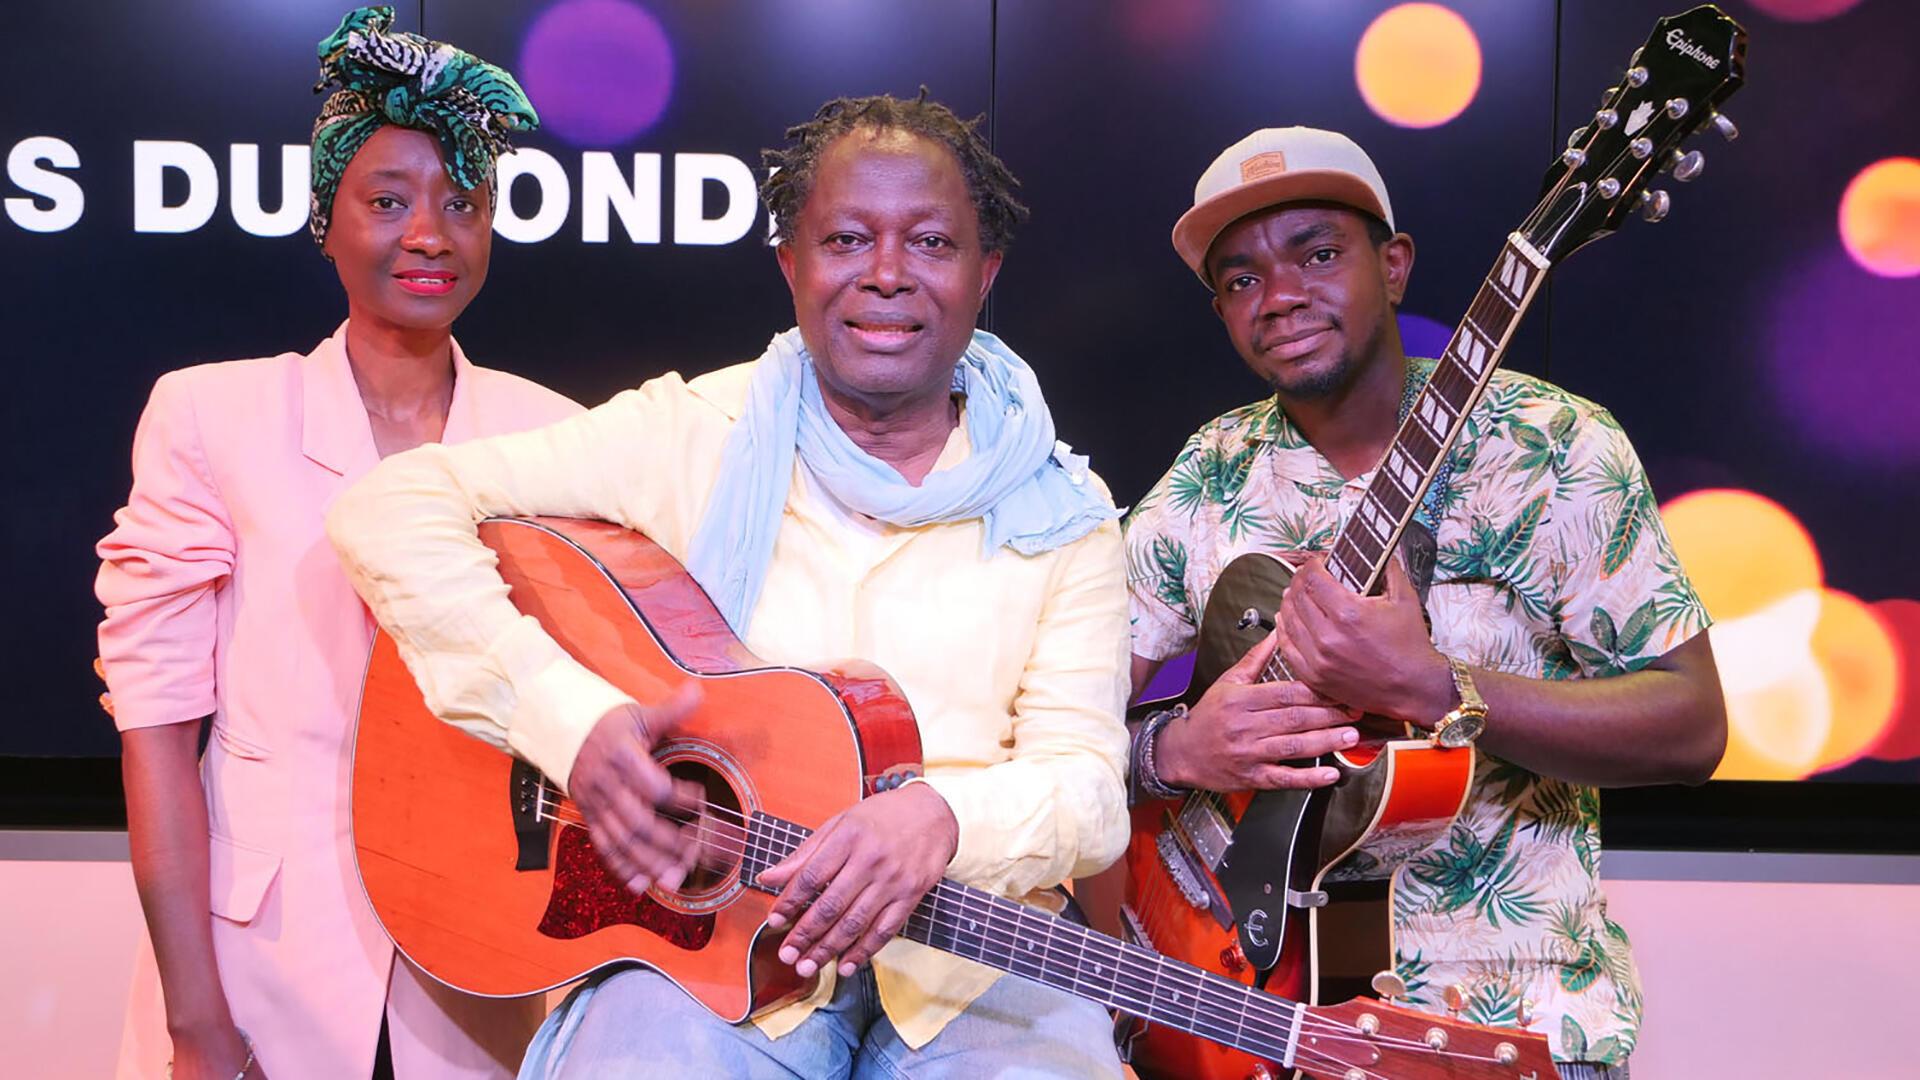 Musique - Lokua Kanza - Roselyne Belinga - Evens Mabanza - Musiques du monde